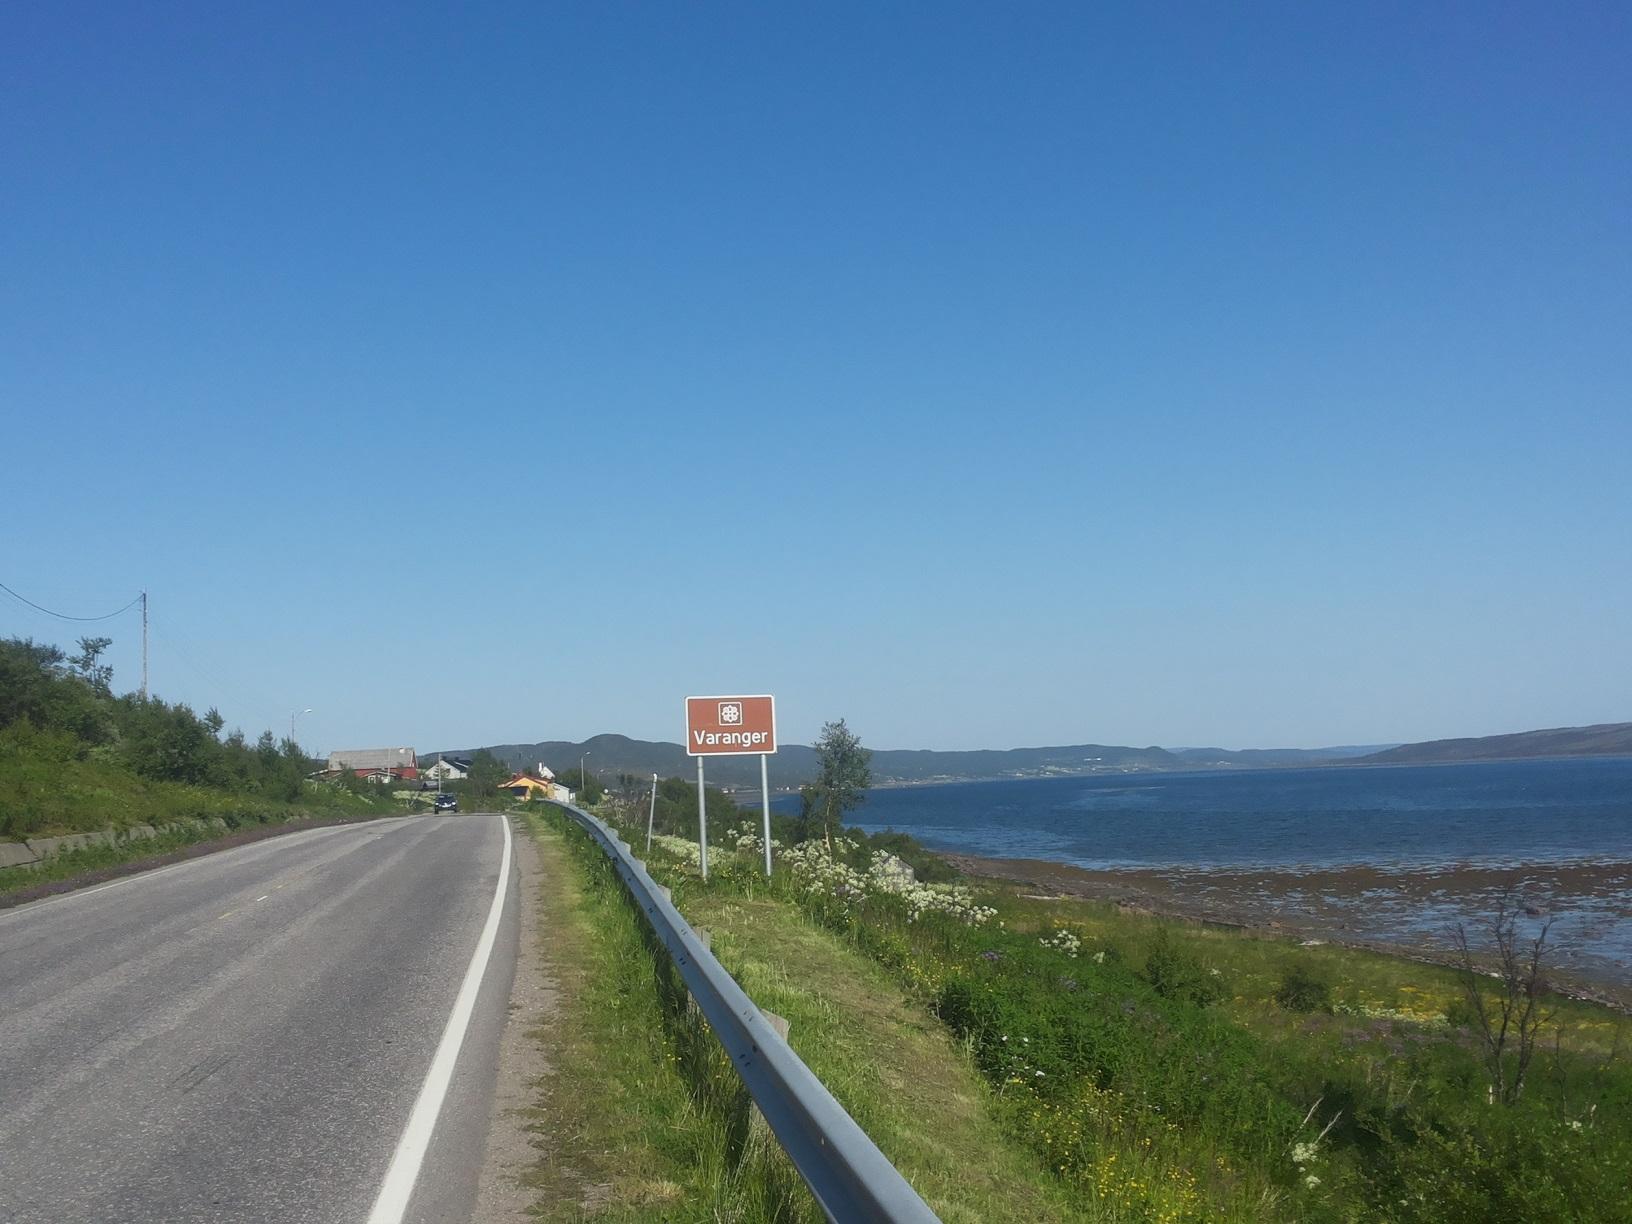 Nasjonal Turistveg Varanger3